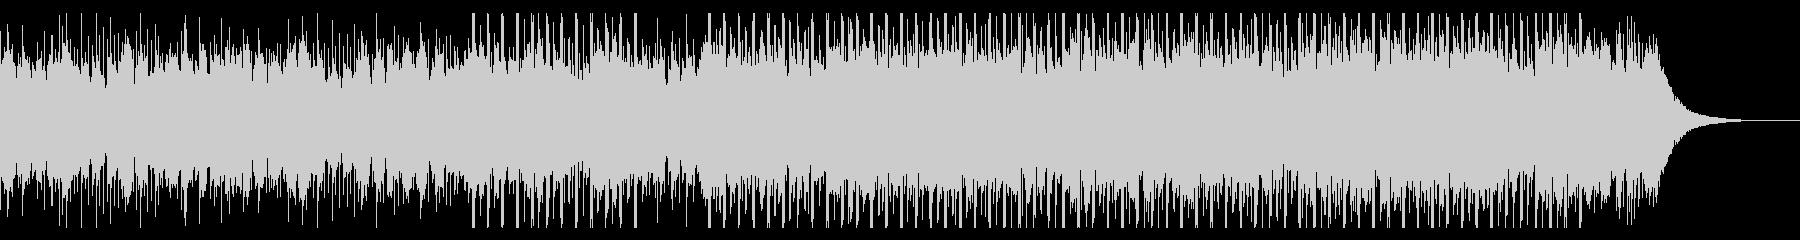 志望(60秒)の未再生の波形